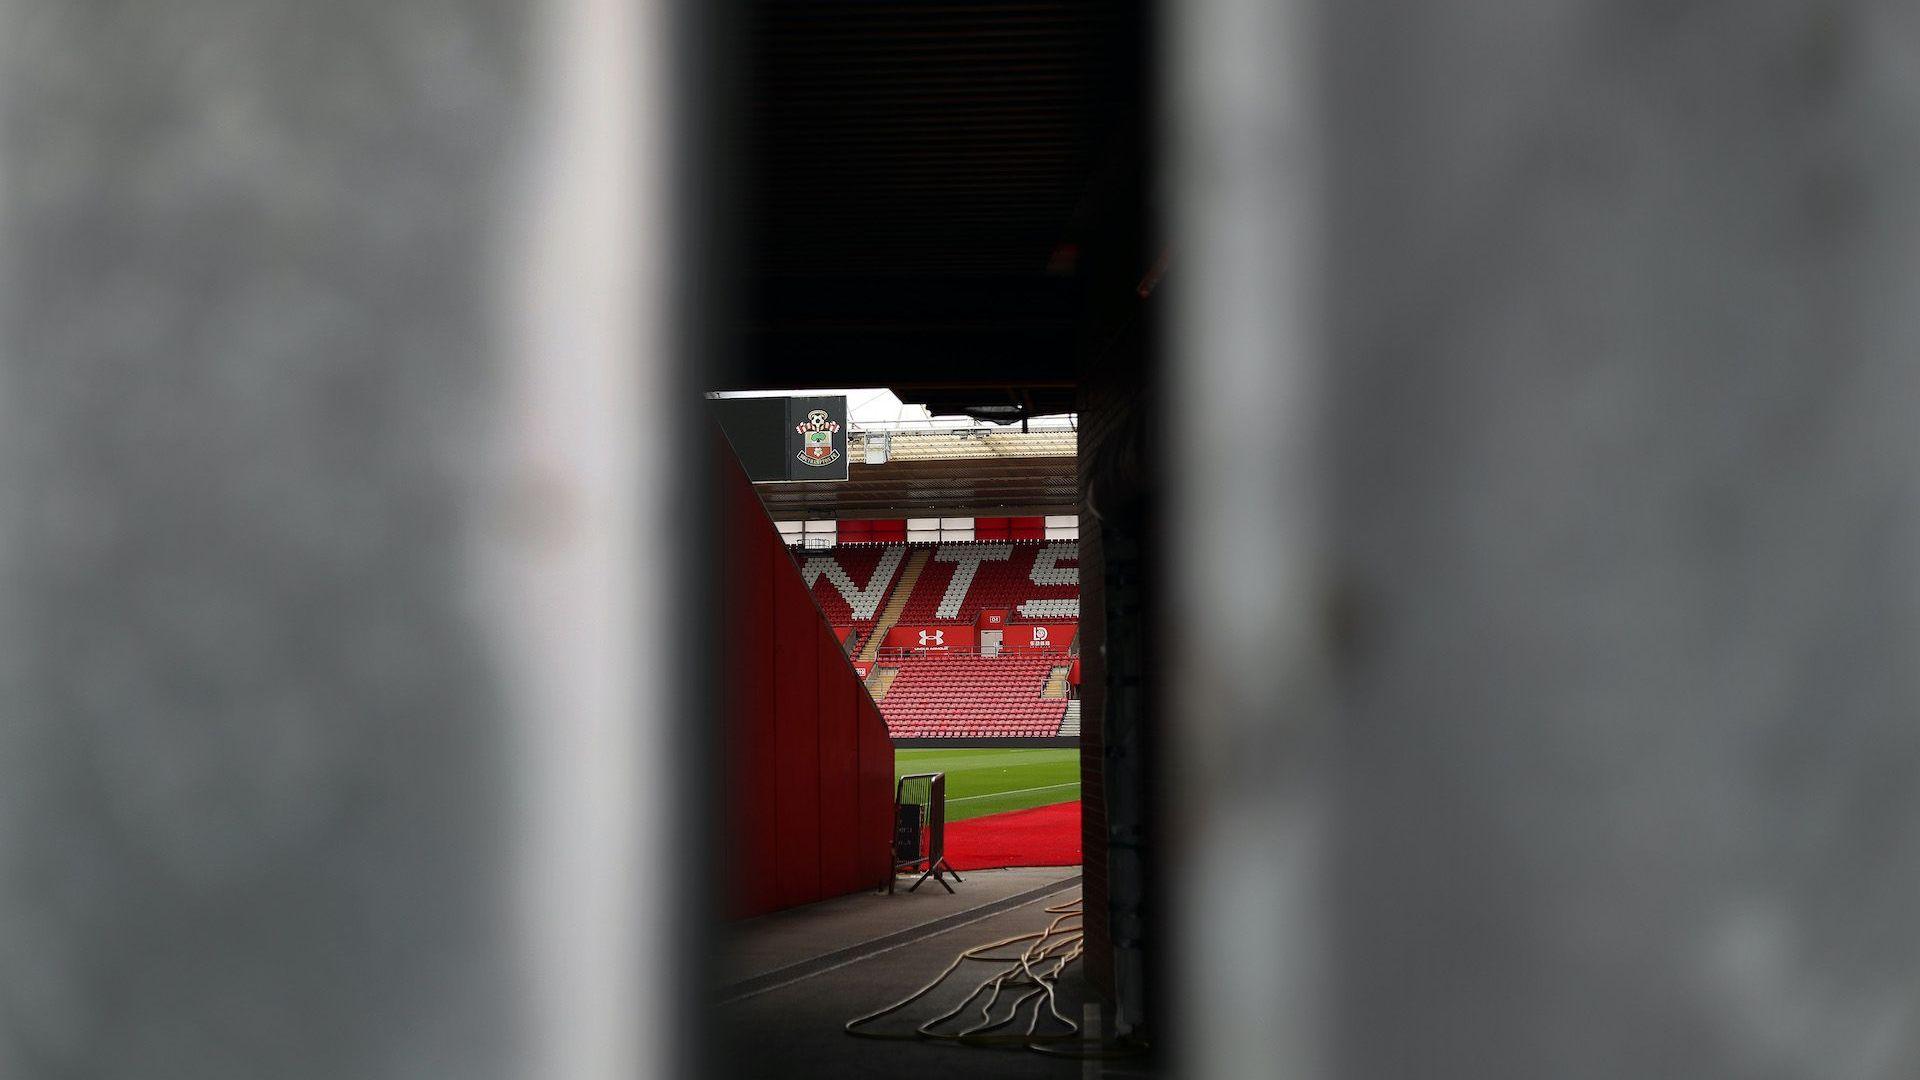 Мачове без публика - единствената алтернатива за футбол в Англия